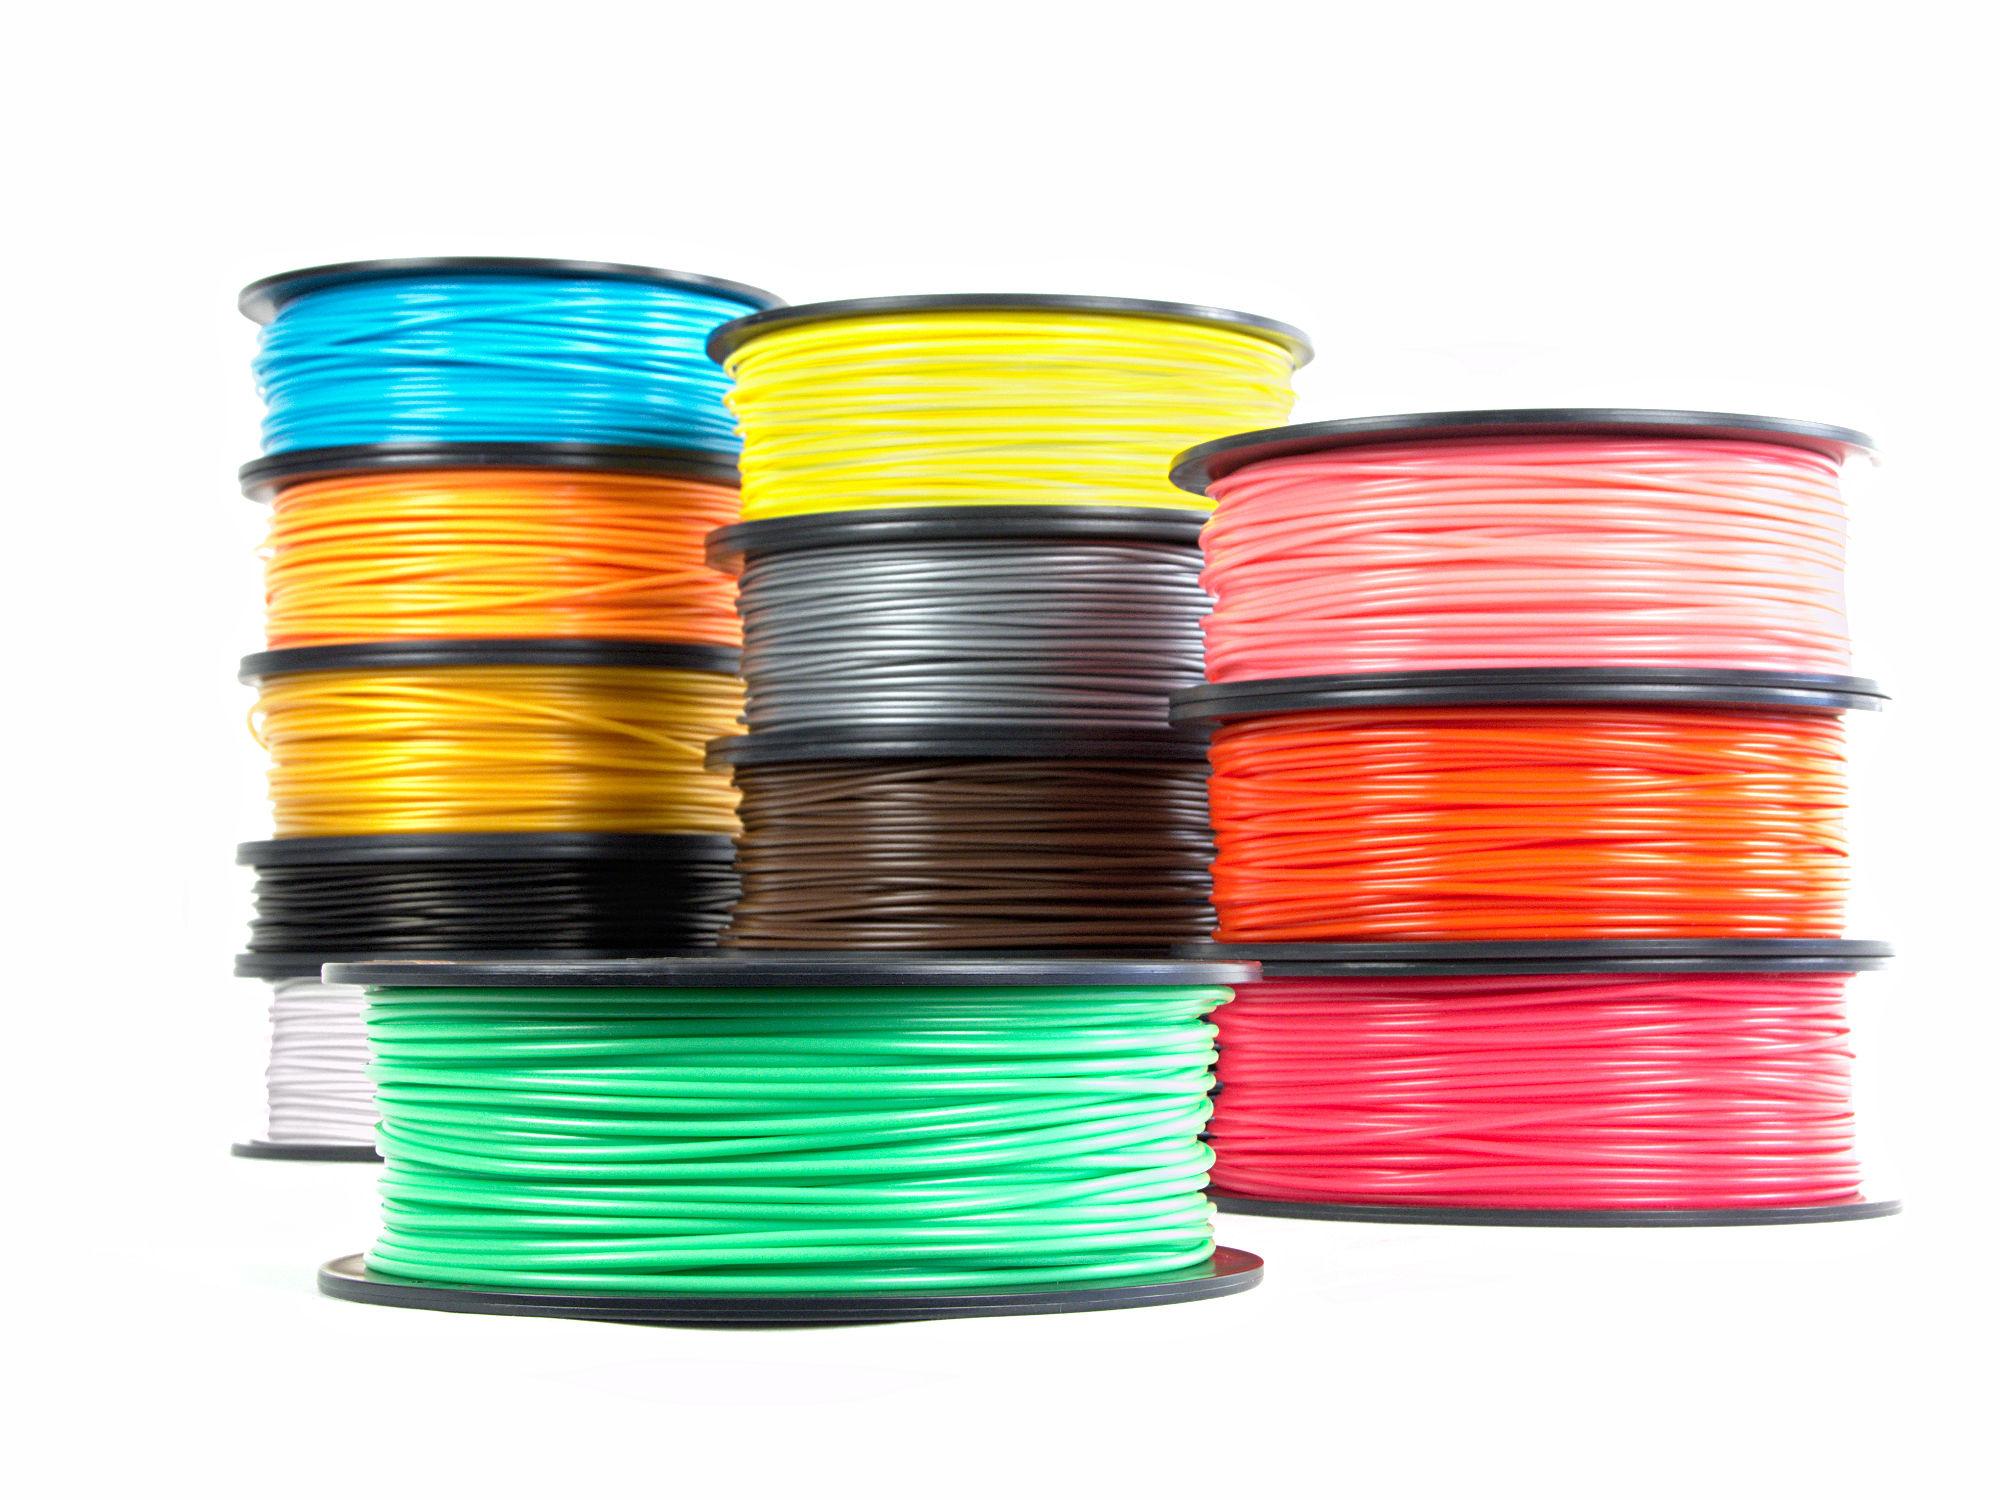 PLA Filament - 3D printing